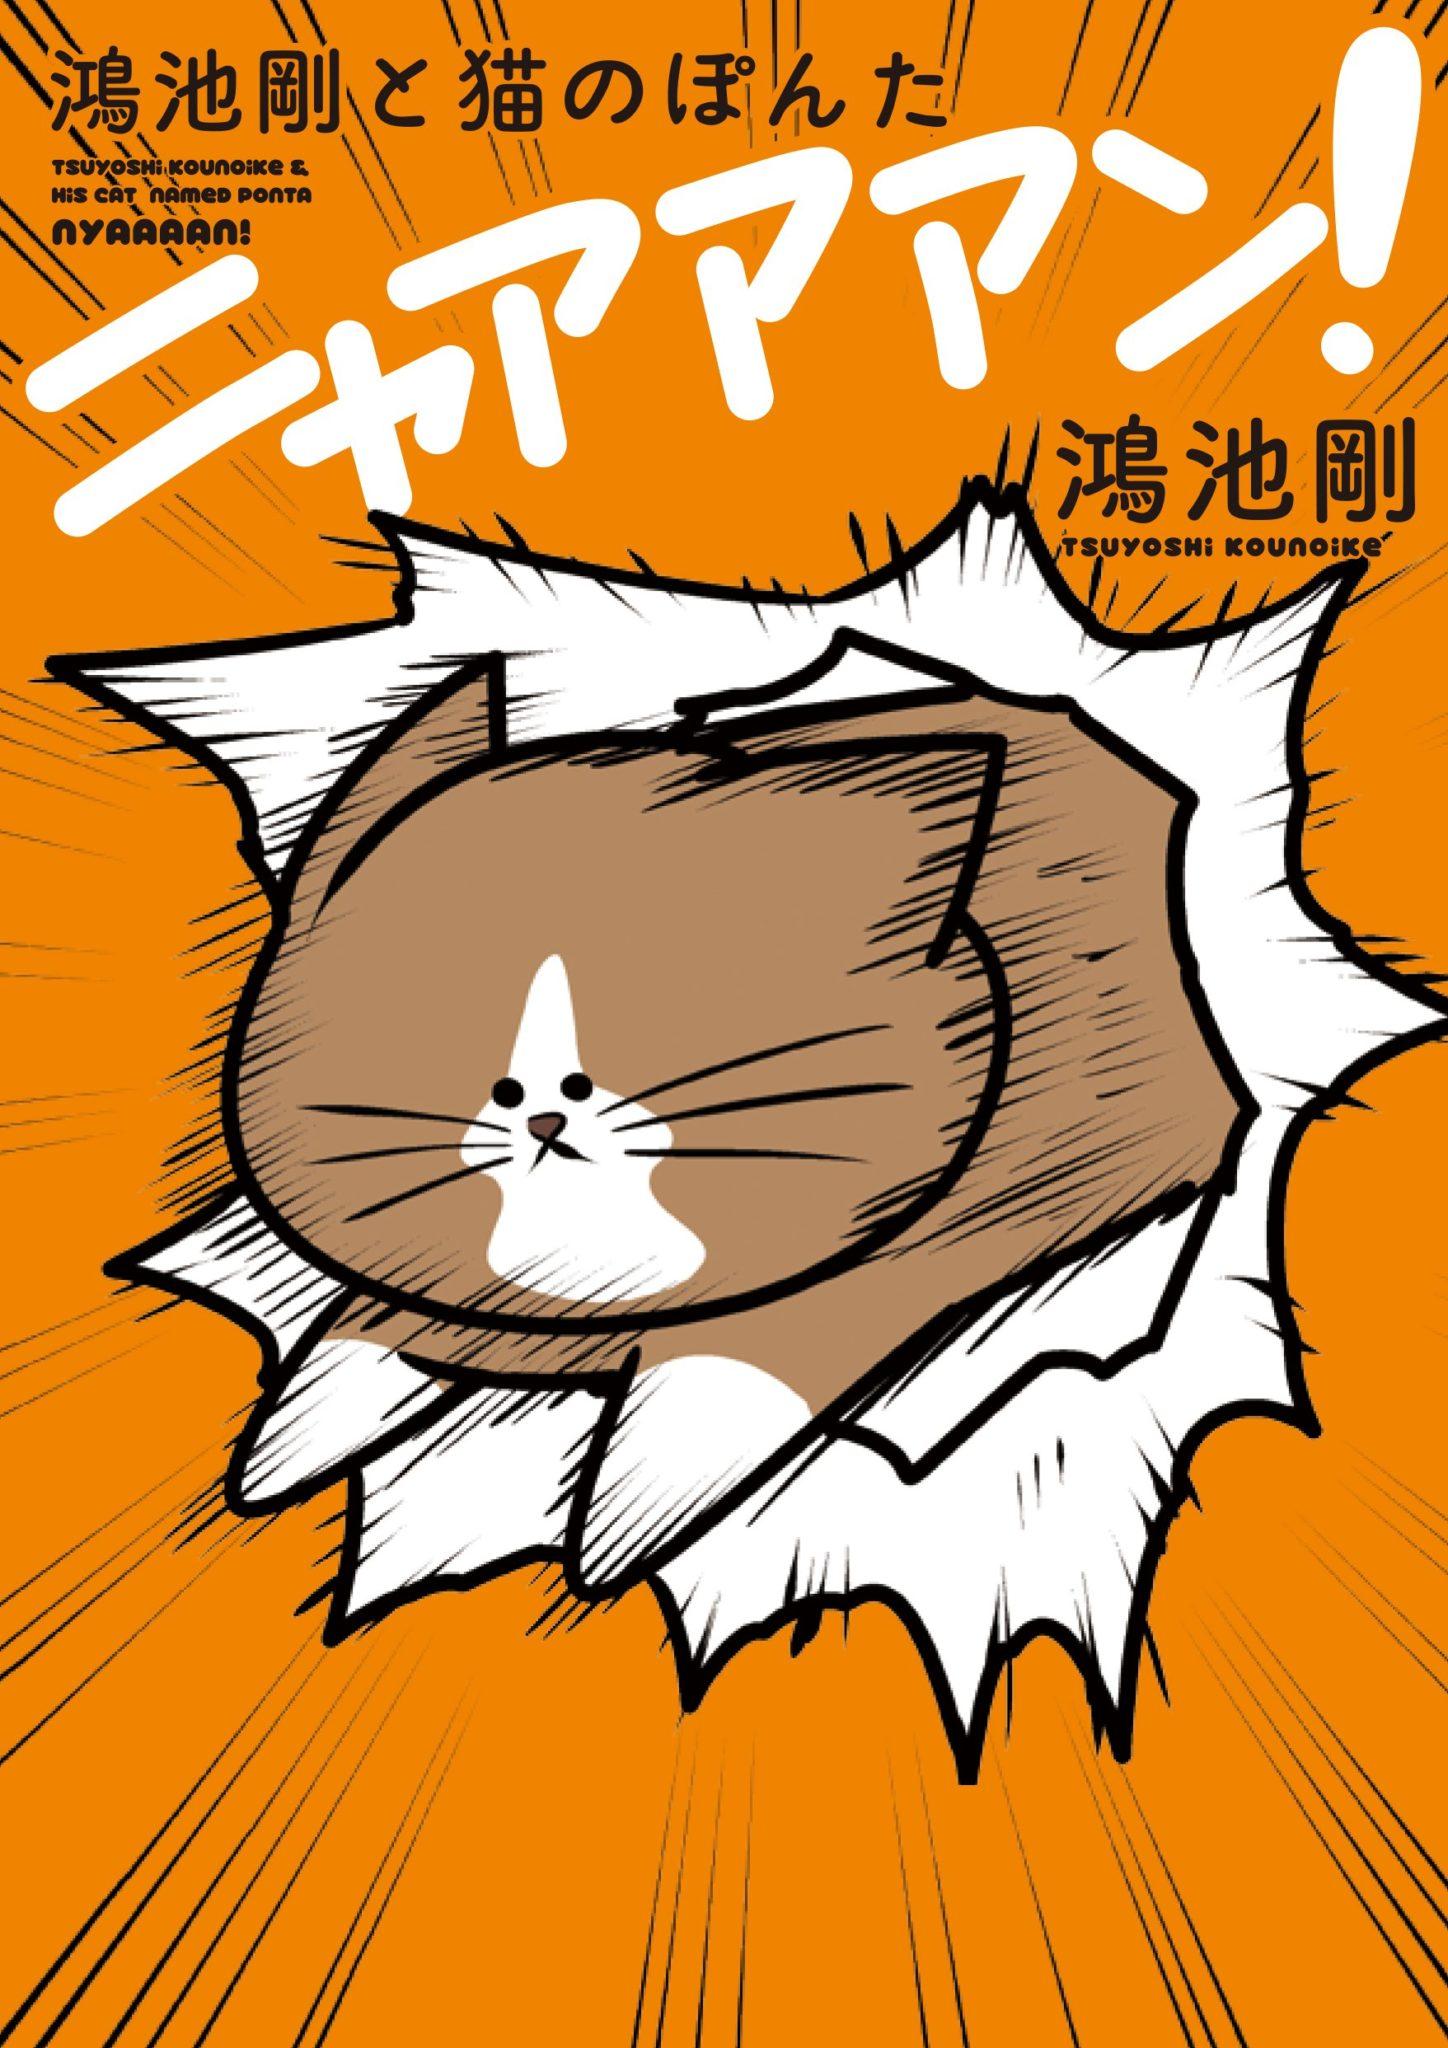 「鴻池剛と猫のぽんた ニャアアアン!」を読んだ感想・レビュー